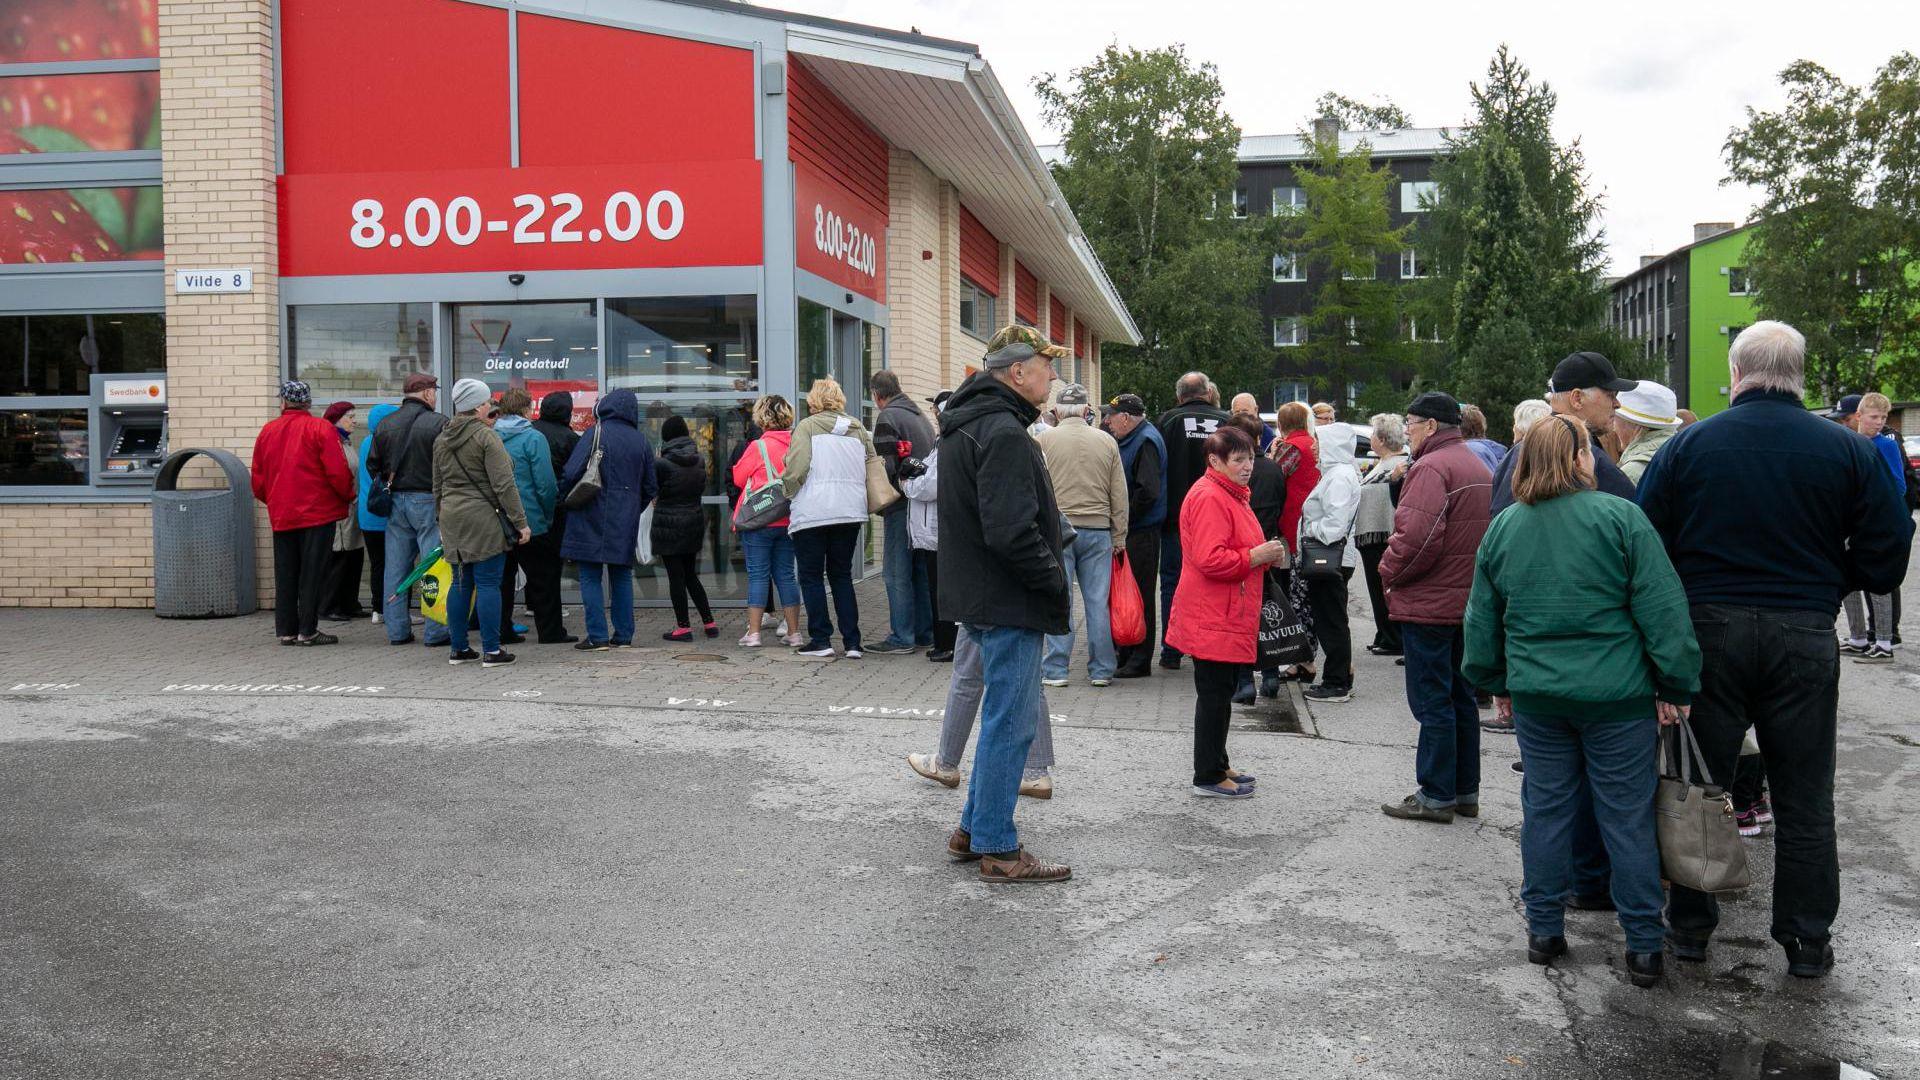 Aprillis toimus Rakvere kesklinnas toidukaupluse mini-Rimi põleng – kauplust räsisid nii tuli kui ka kustutusvesi. Tänaseks on taastamistööd lõppenud ja kauplus